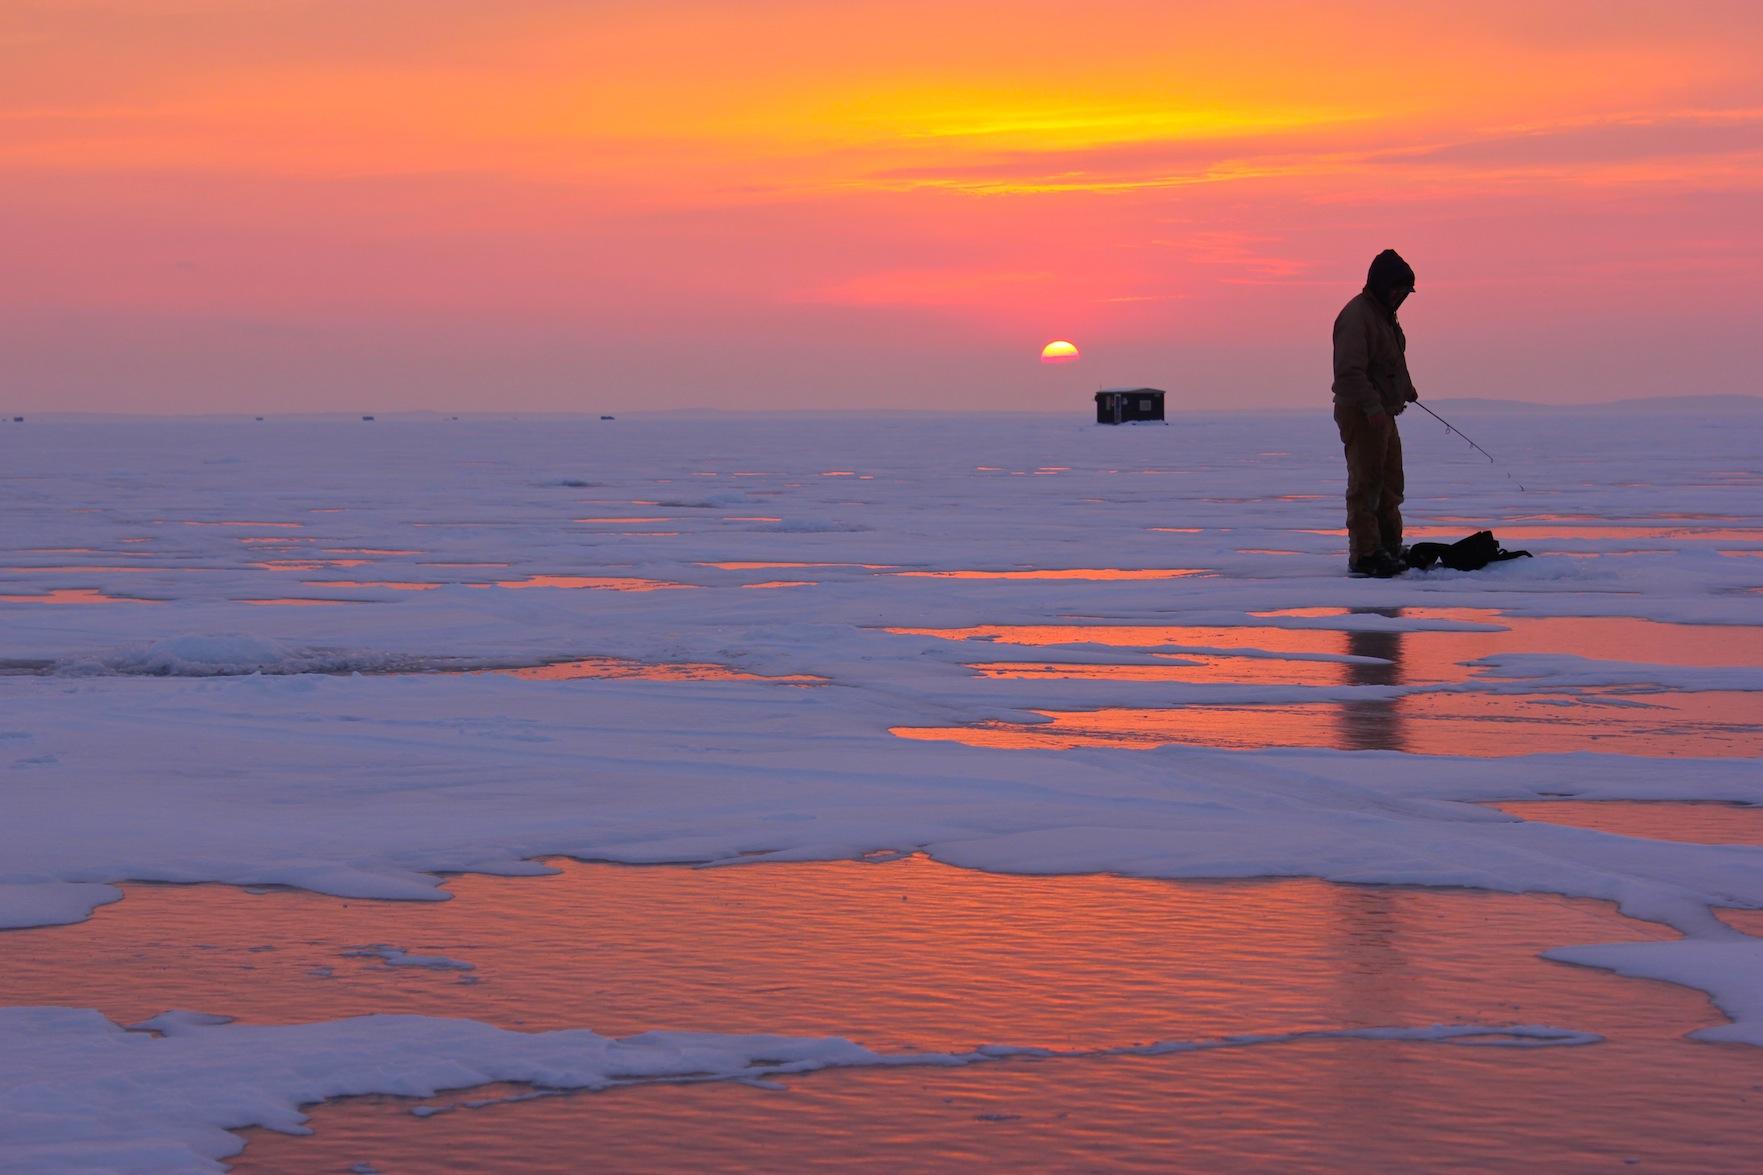 ice_fishing_sunset.jpg